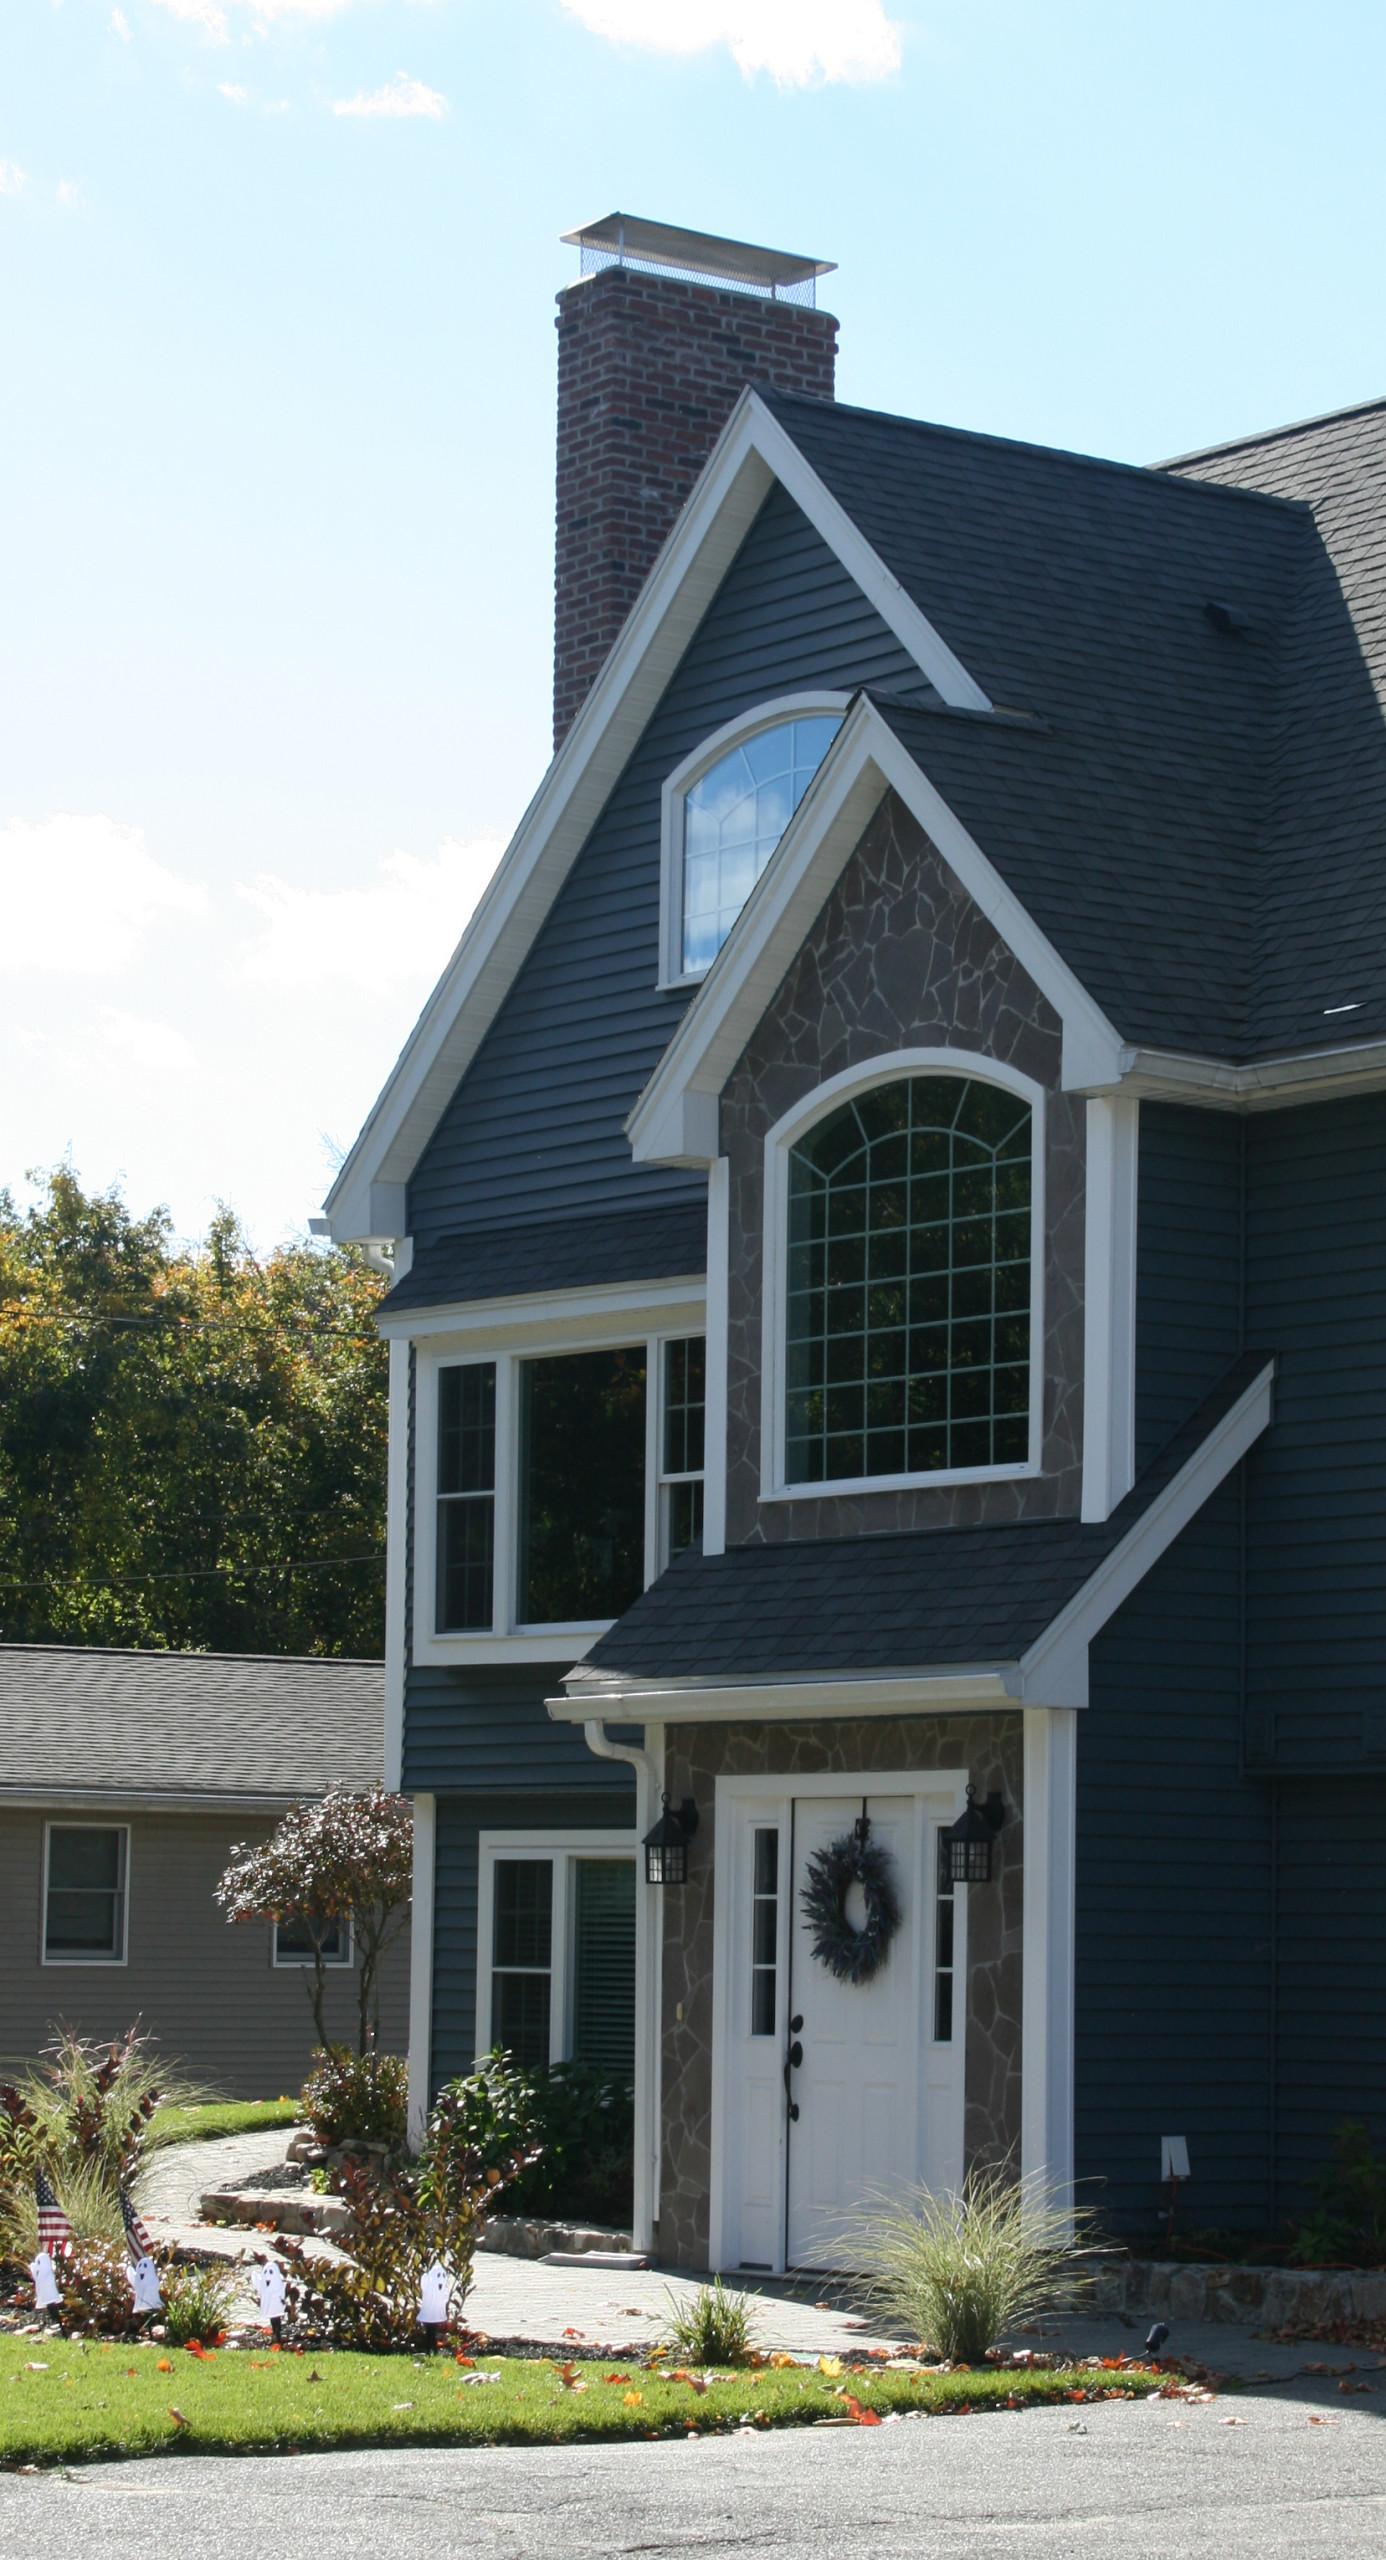 Grammer Residence